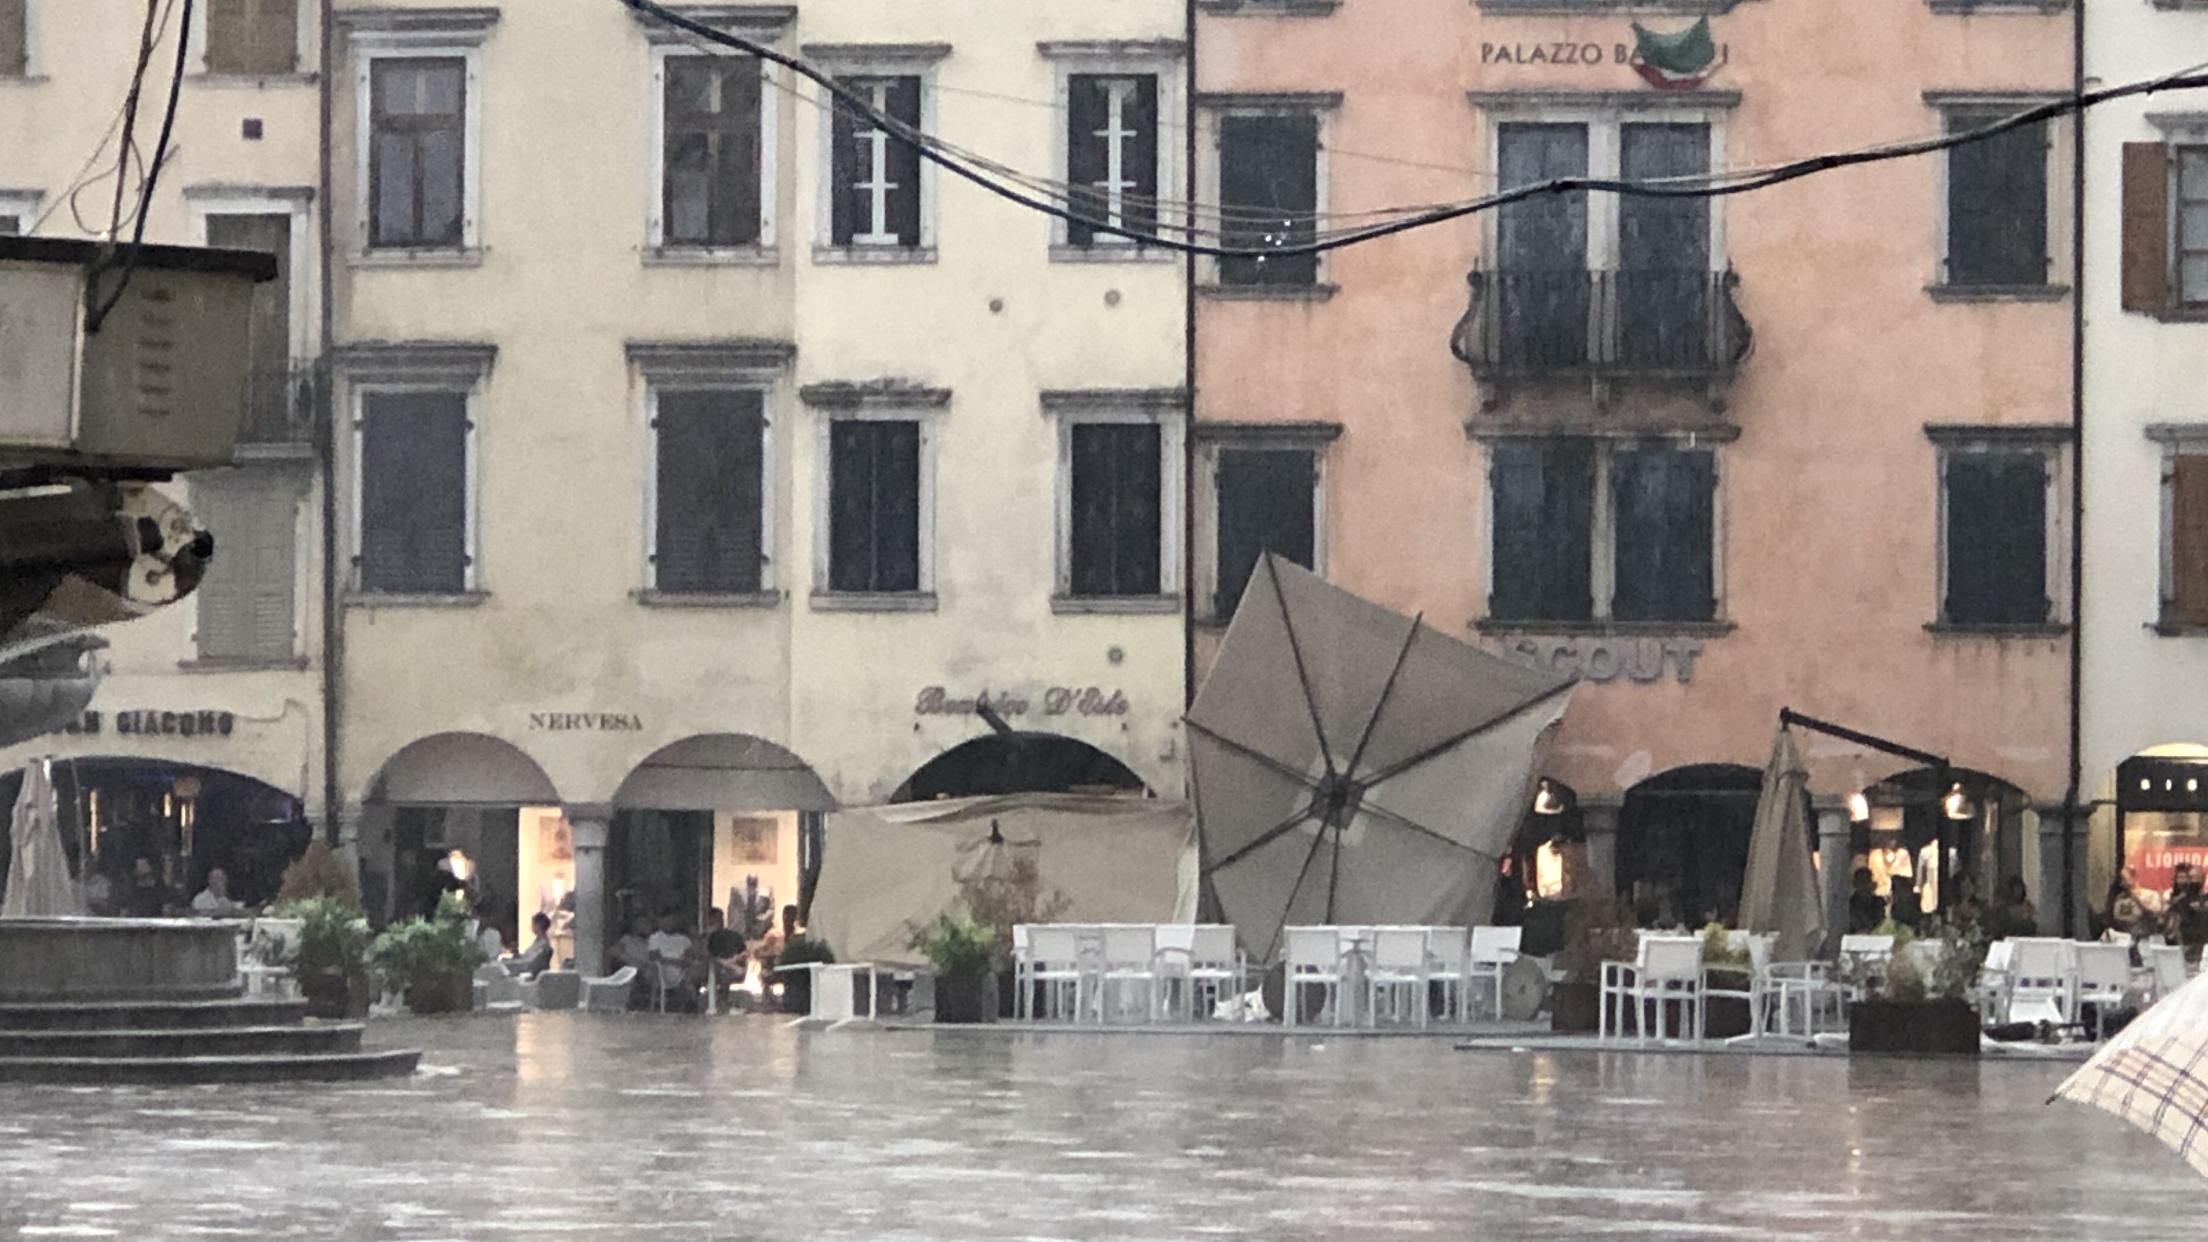 pioggia temporale maltempo